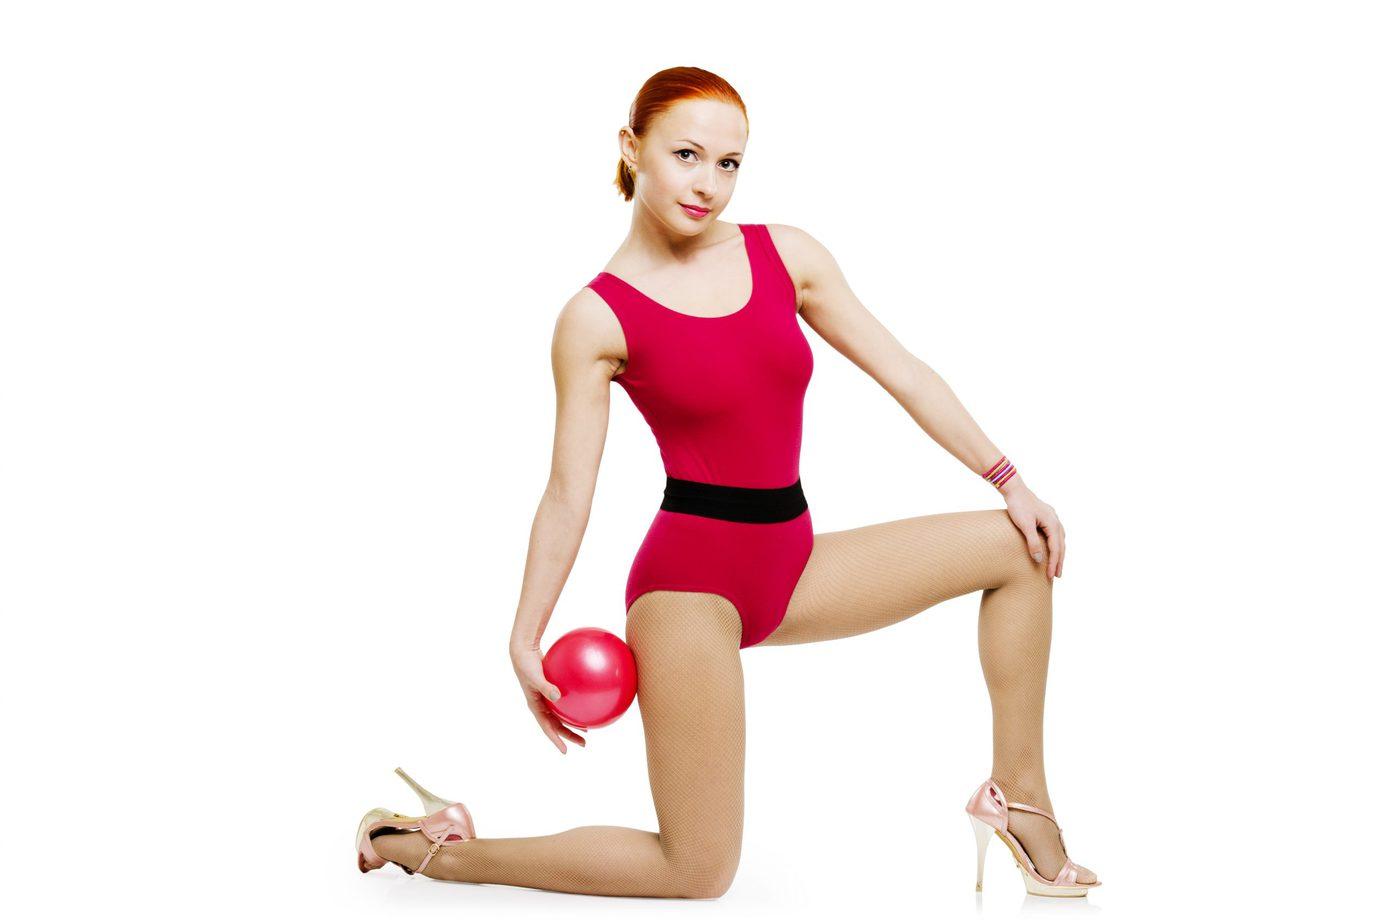 Ćwicz w szpilkach! O zaletach treningu high heels fitness